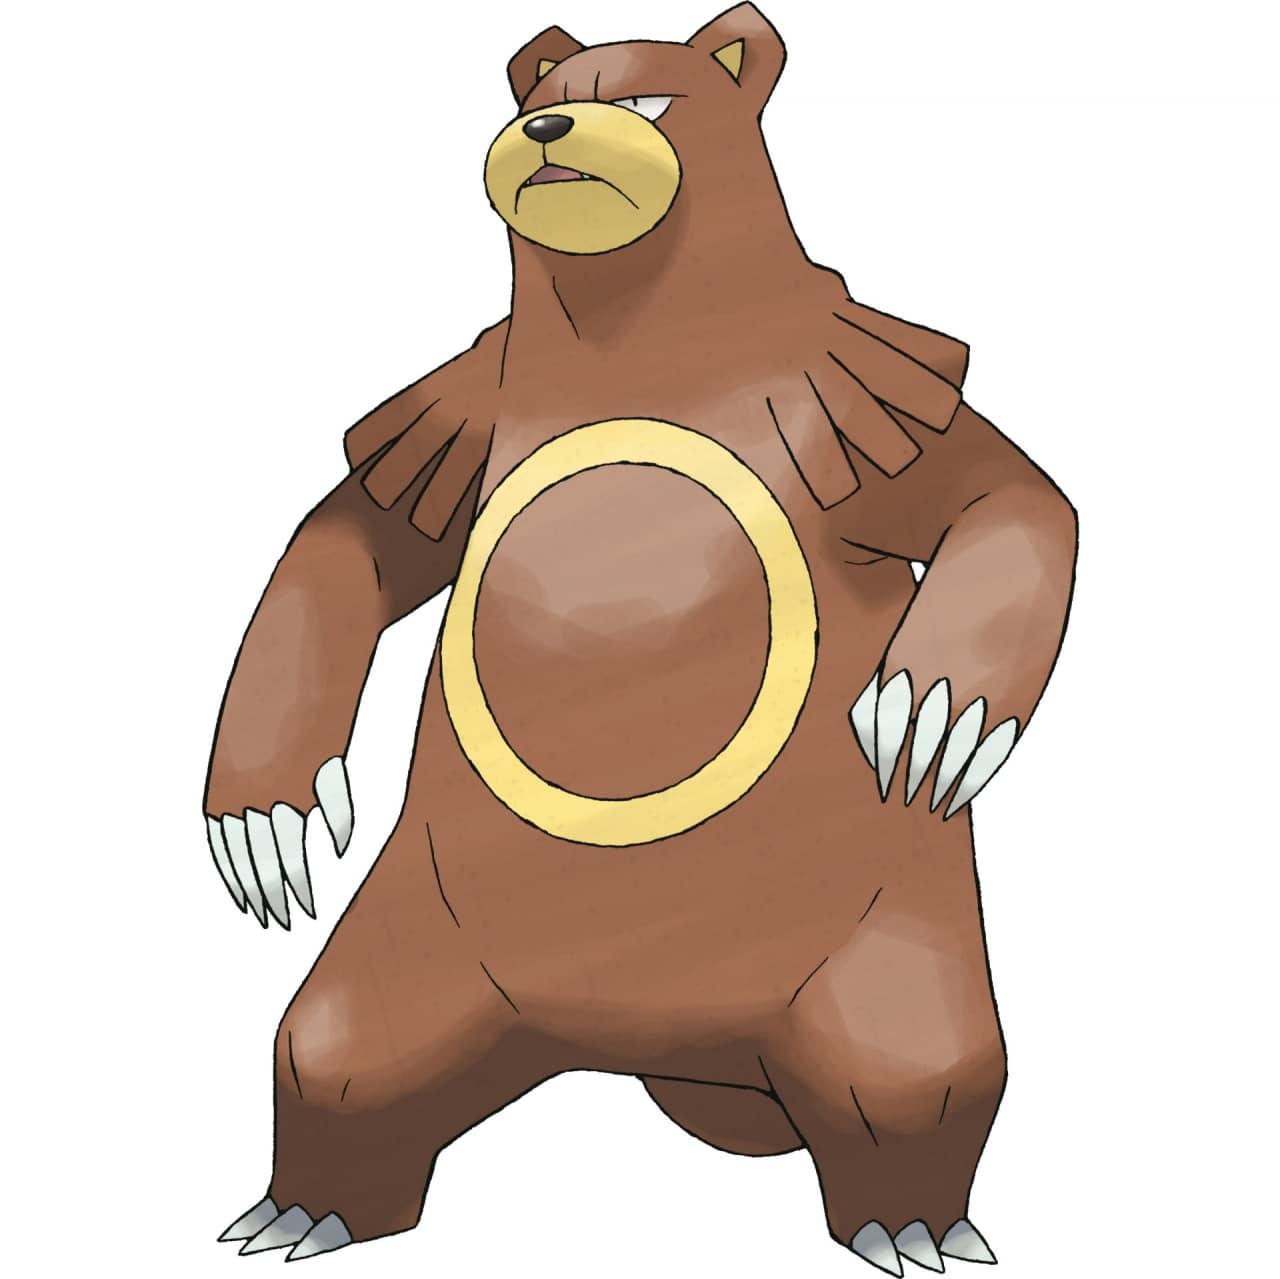 【攻略】Pokemon GO 圈圈熊屬性圖鑑 圈圈熊屬性怎麼樣